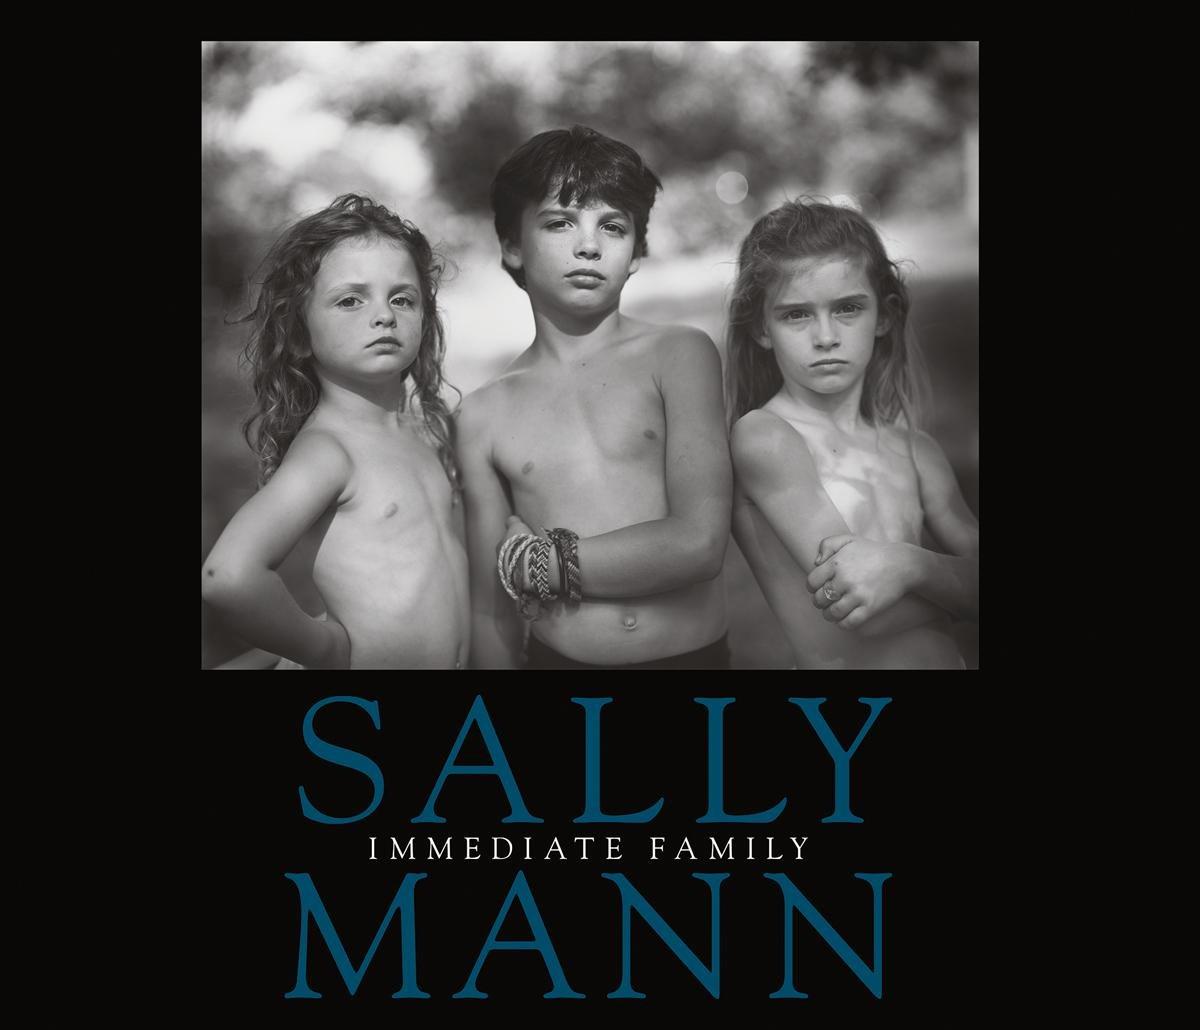 sally mann immediate family Amazon.com: Sally Mann: Immediate Family (9781597112550): Sally Mann, Reynolds Price: Books